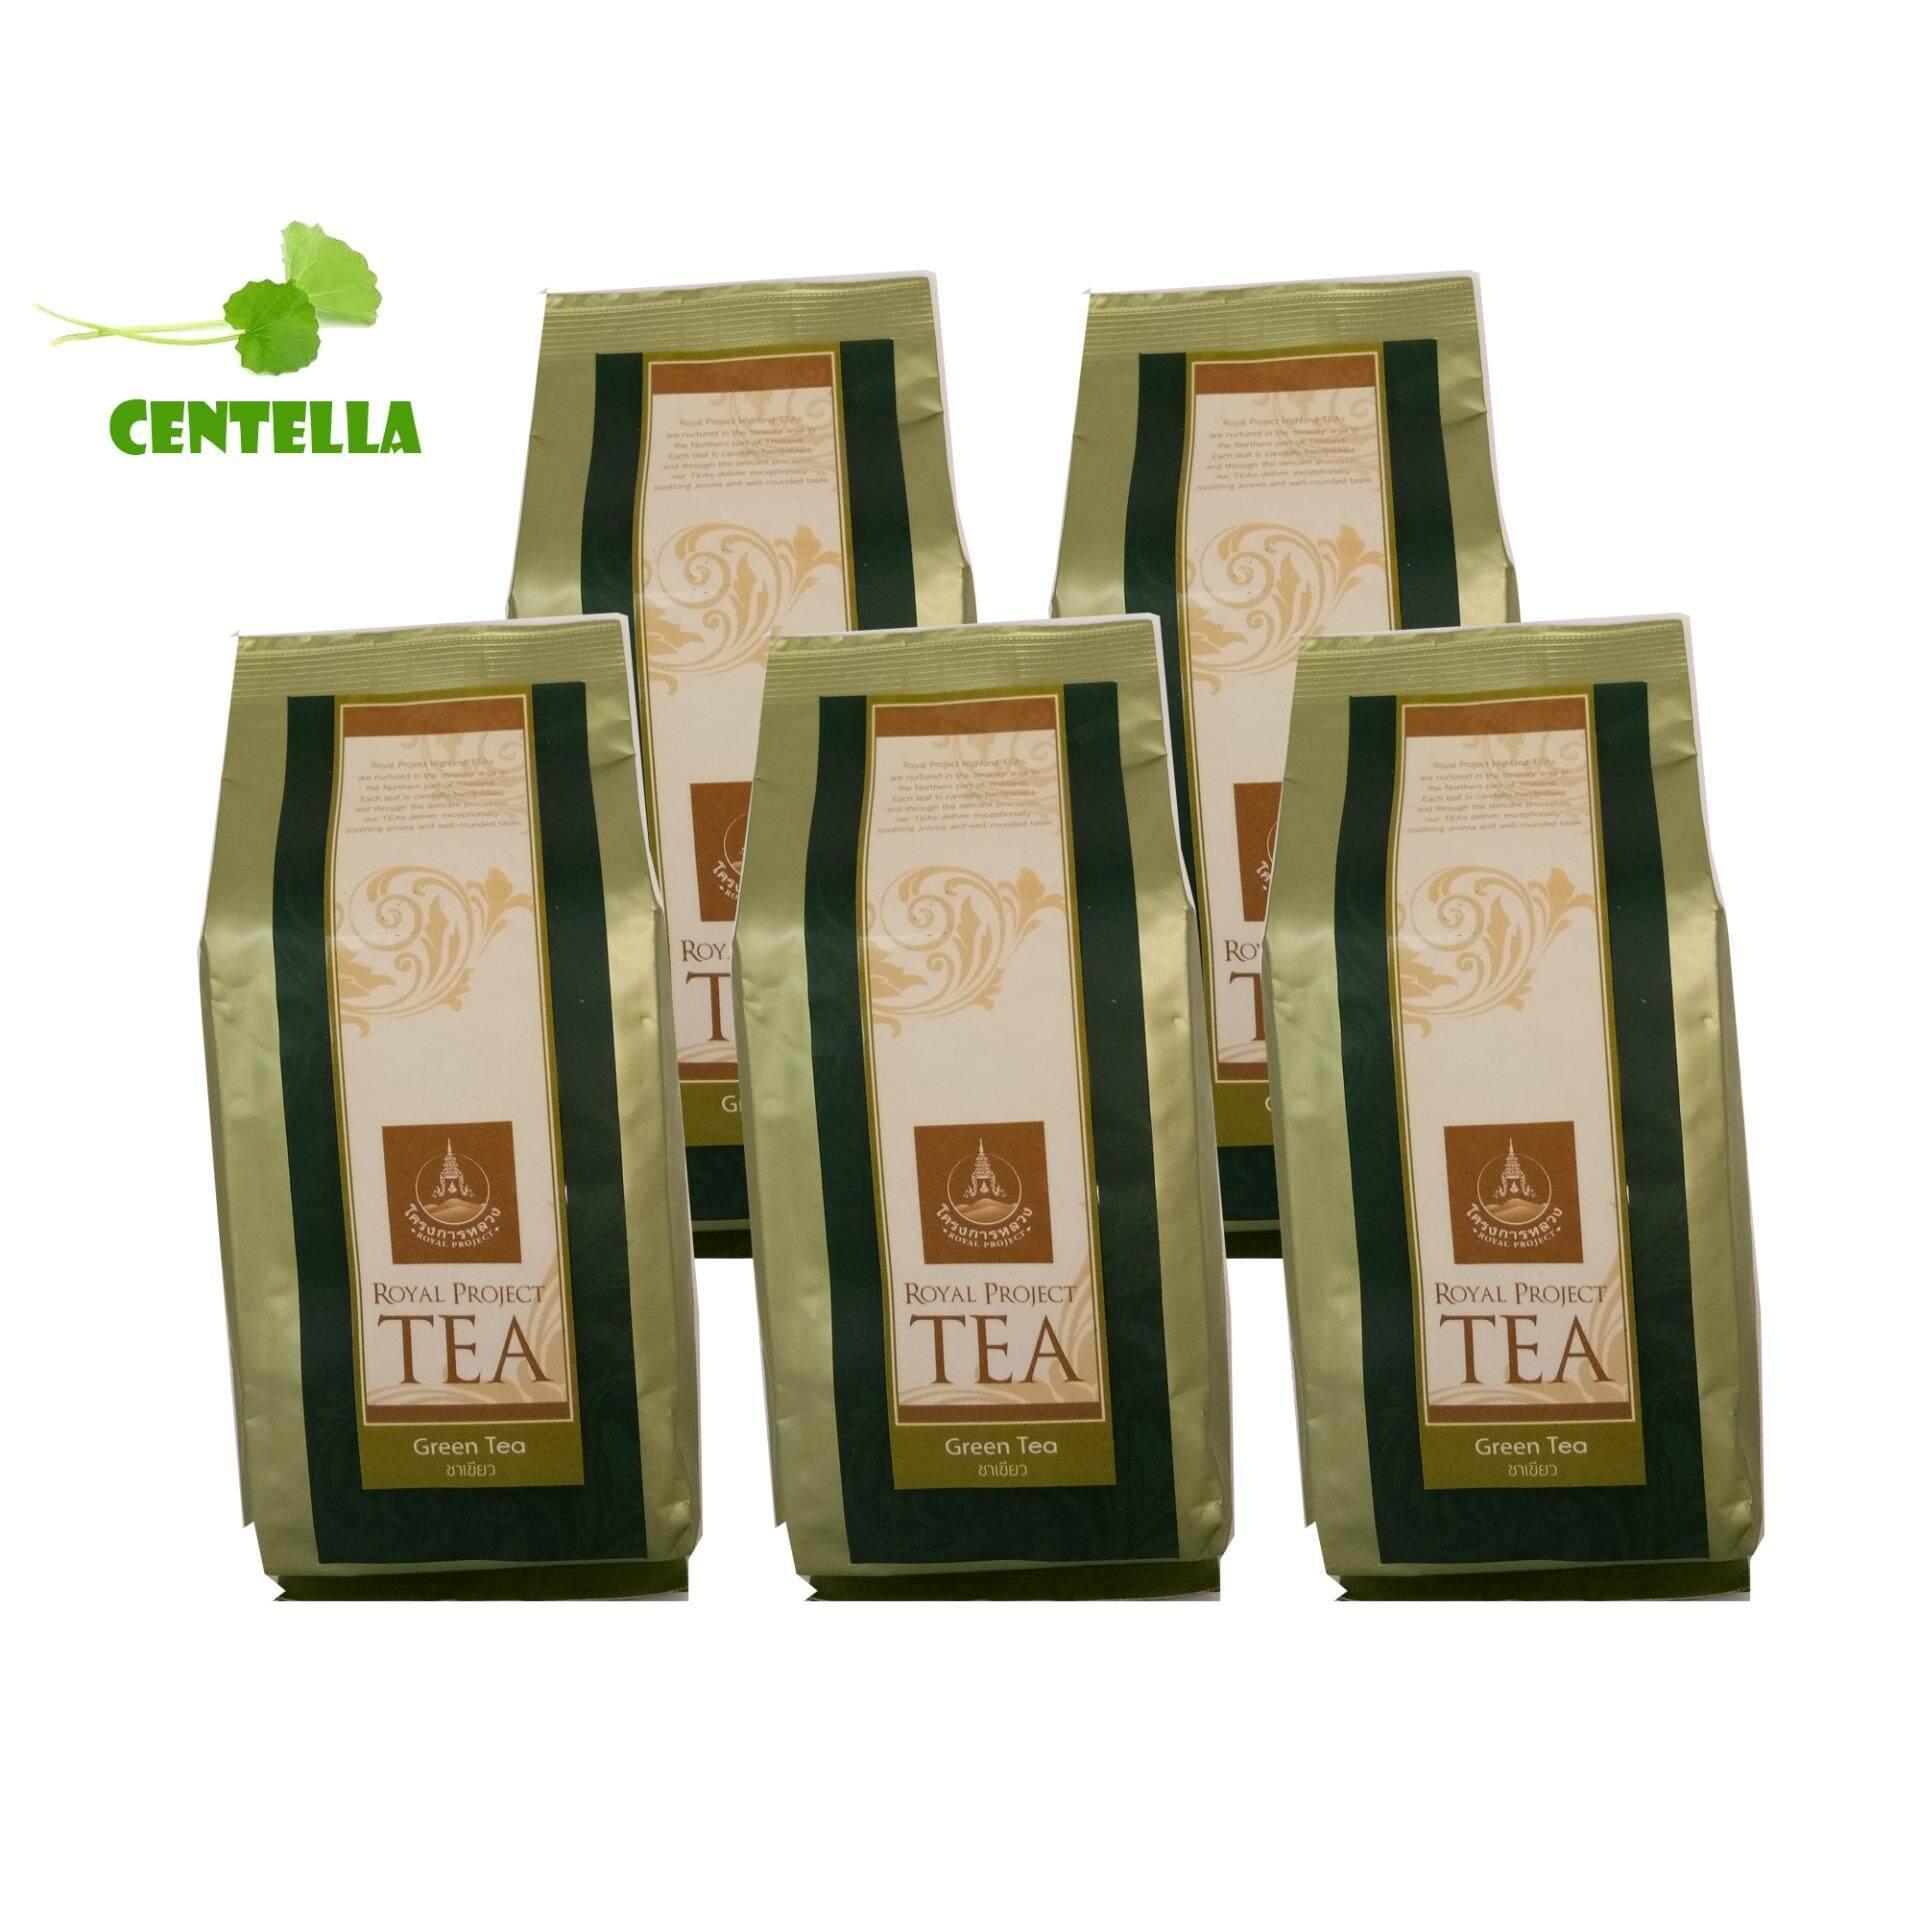 โครงการหลวง  ชาเขียวบนดอยสูงมีอากาศหนาวเย็นตลอดปี  50 กรัม 5 ถุง Product of Royal Project Foundation Thailand  Green Tea 50 grams 5 bags